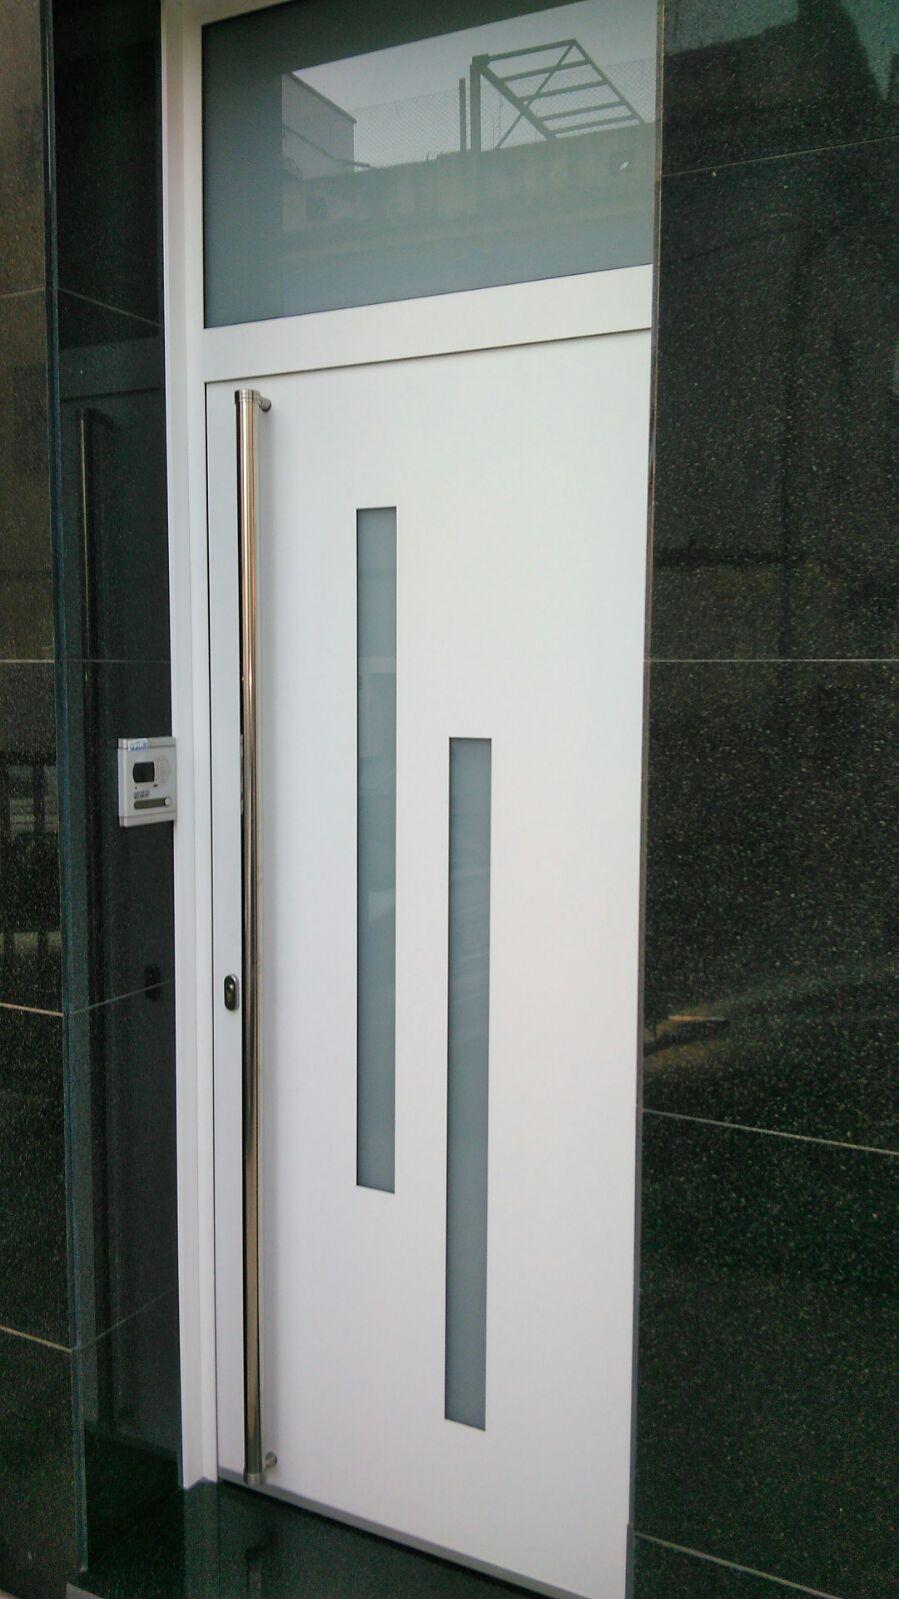 Aluminis Vacarisses - expertos en cierres de aluminio y PVC